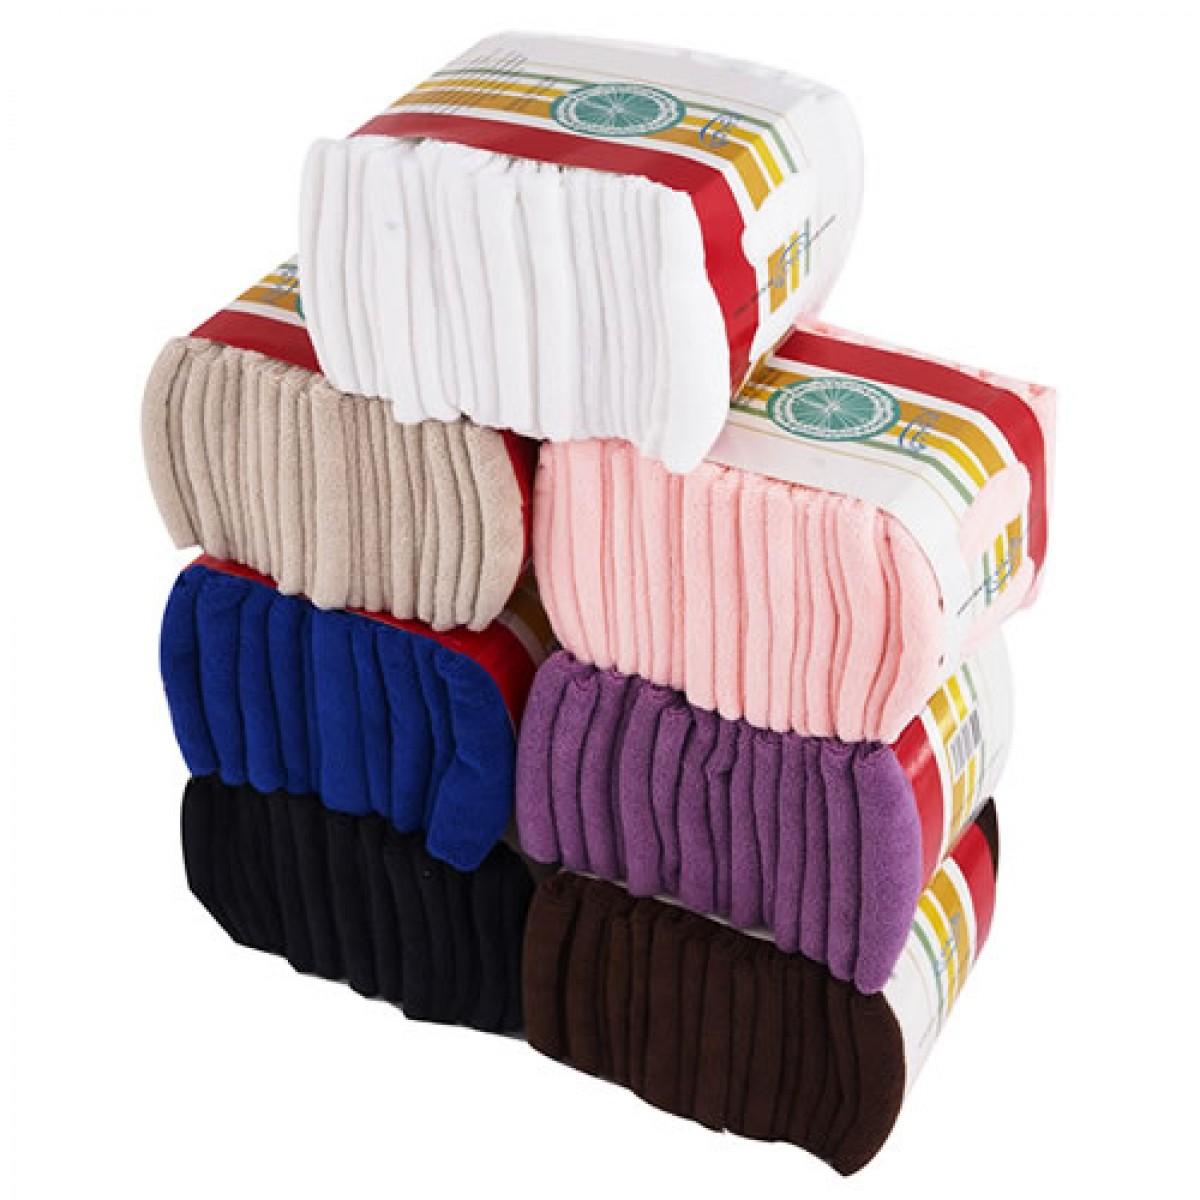 Bleach Resistant Mircofiber Salon Towels